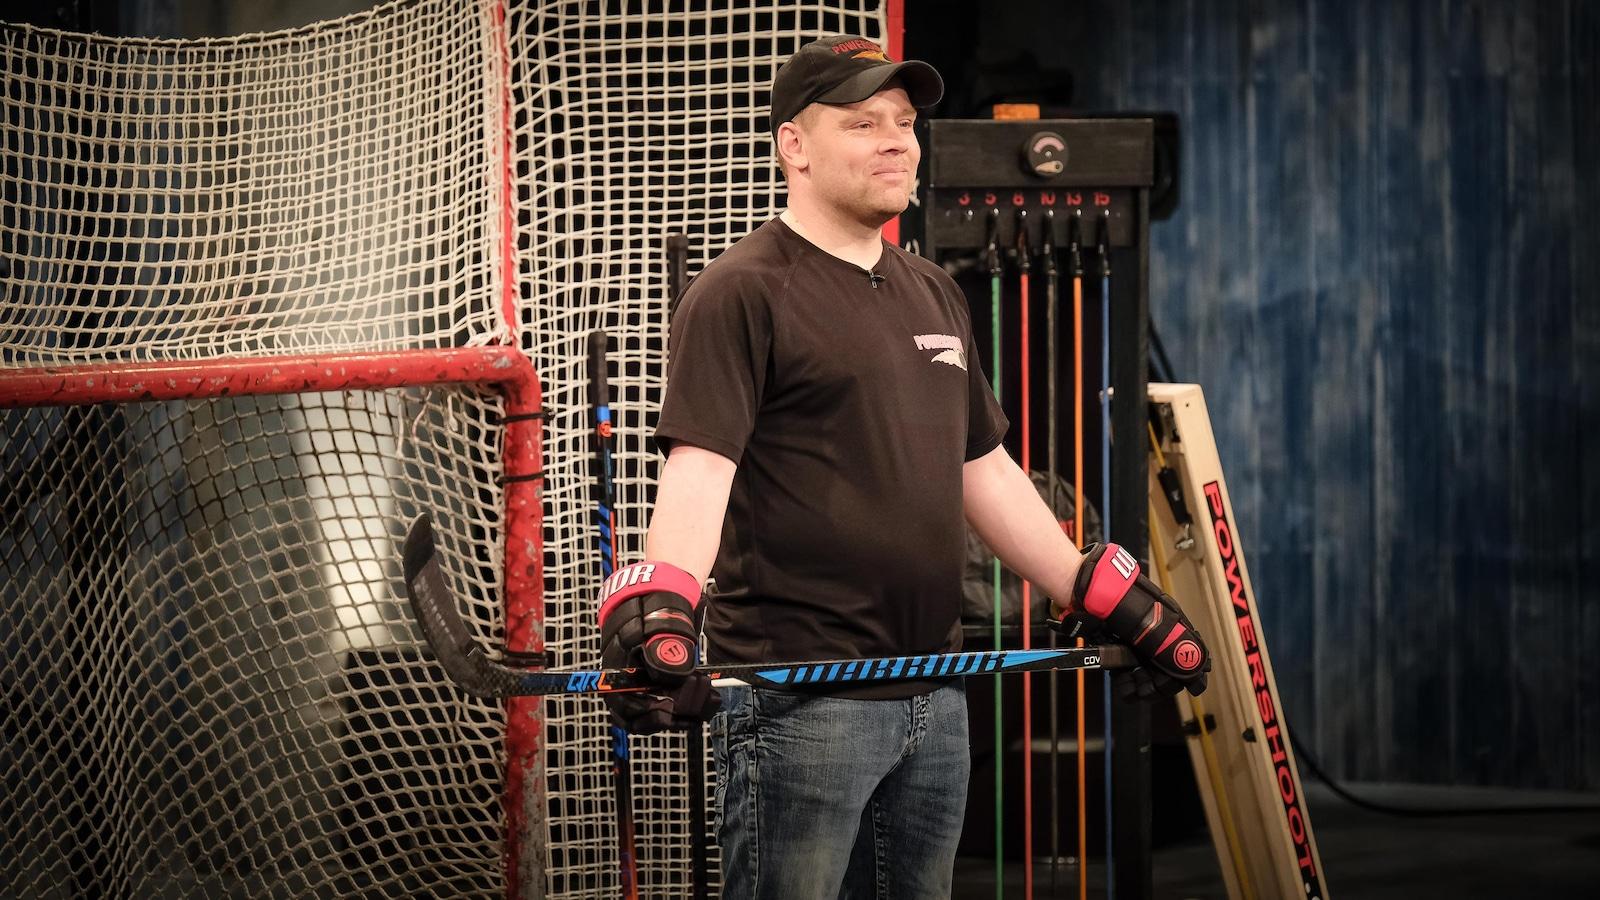 Devant un filet de hockey, un homme tient son bâton à deux mains.